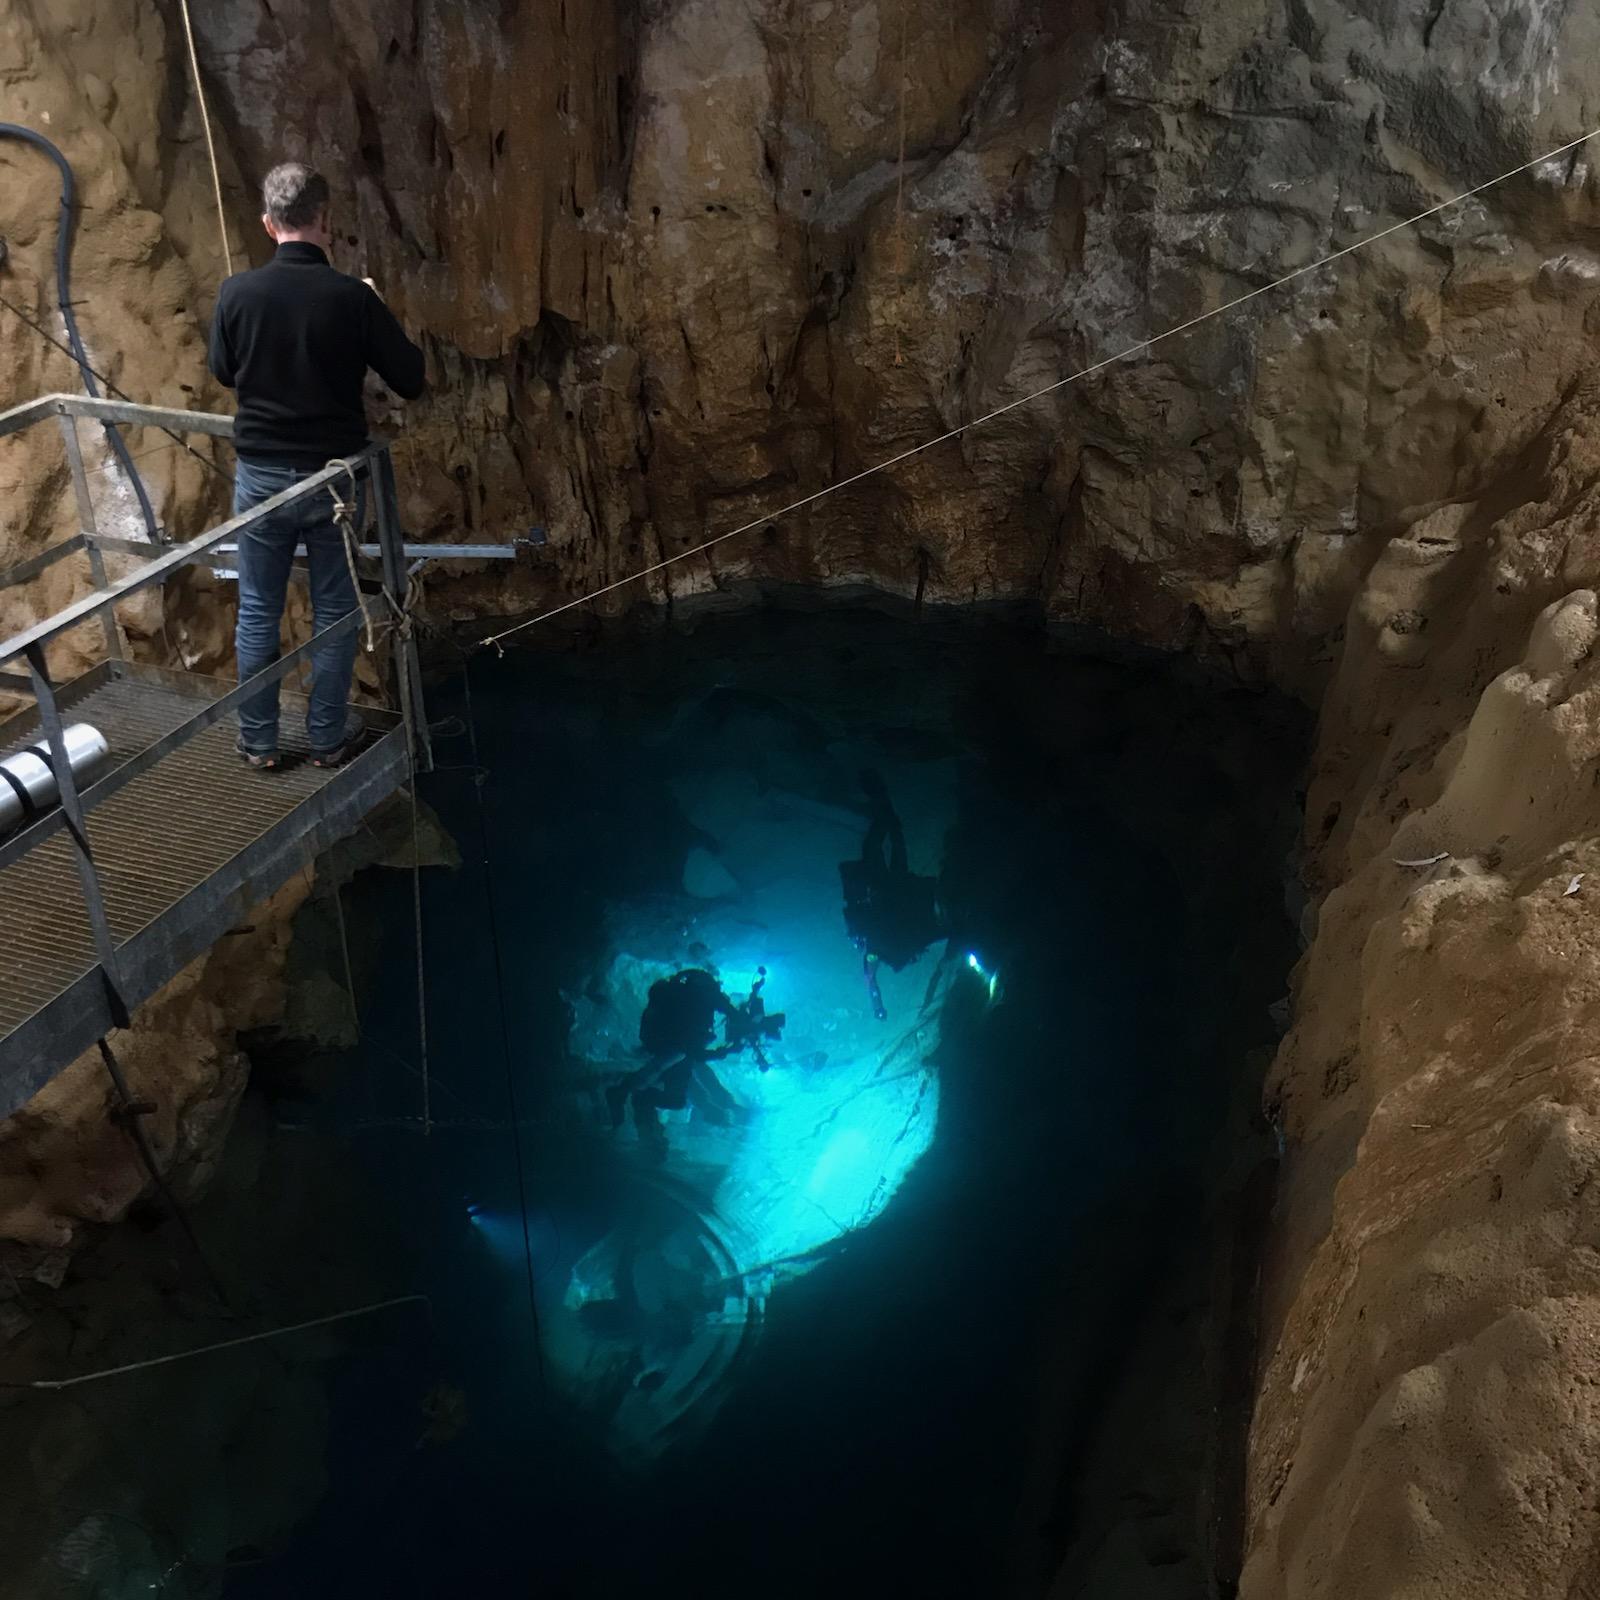 Un pozo proporciona acceso directo al acuífero, 530 m aguas arriba de su resurgimiento marino.  Es un acceso privilegiado para los buceadores.  Aquí durante el rodaje de France Terre Sauvage: Les Eaux Vives, que aparecerá en France 3.